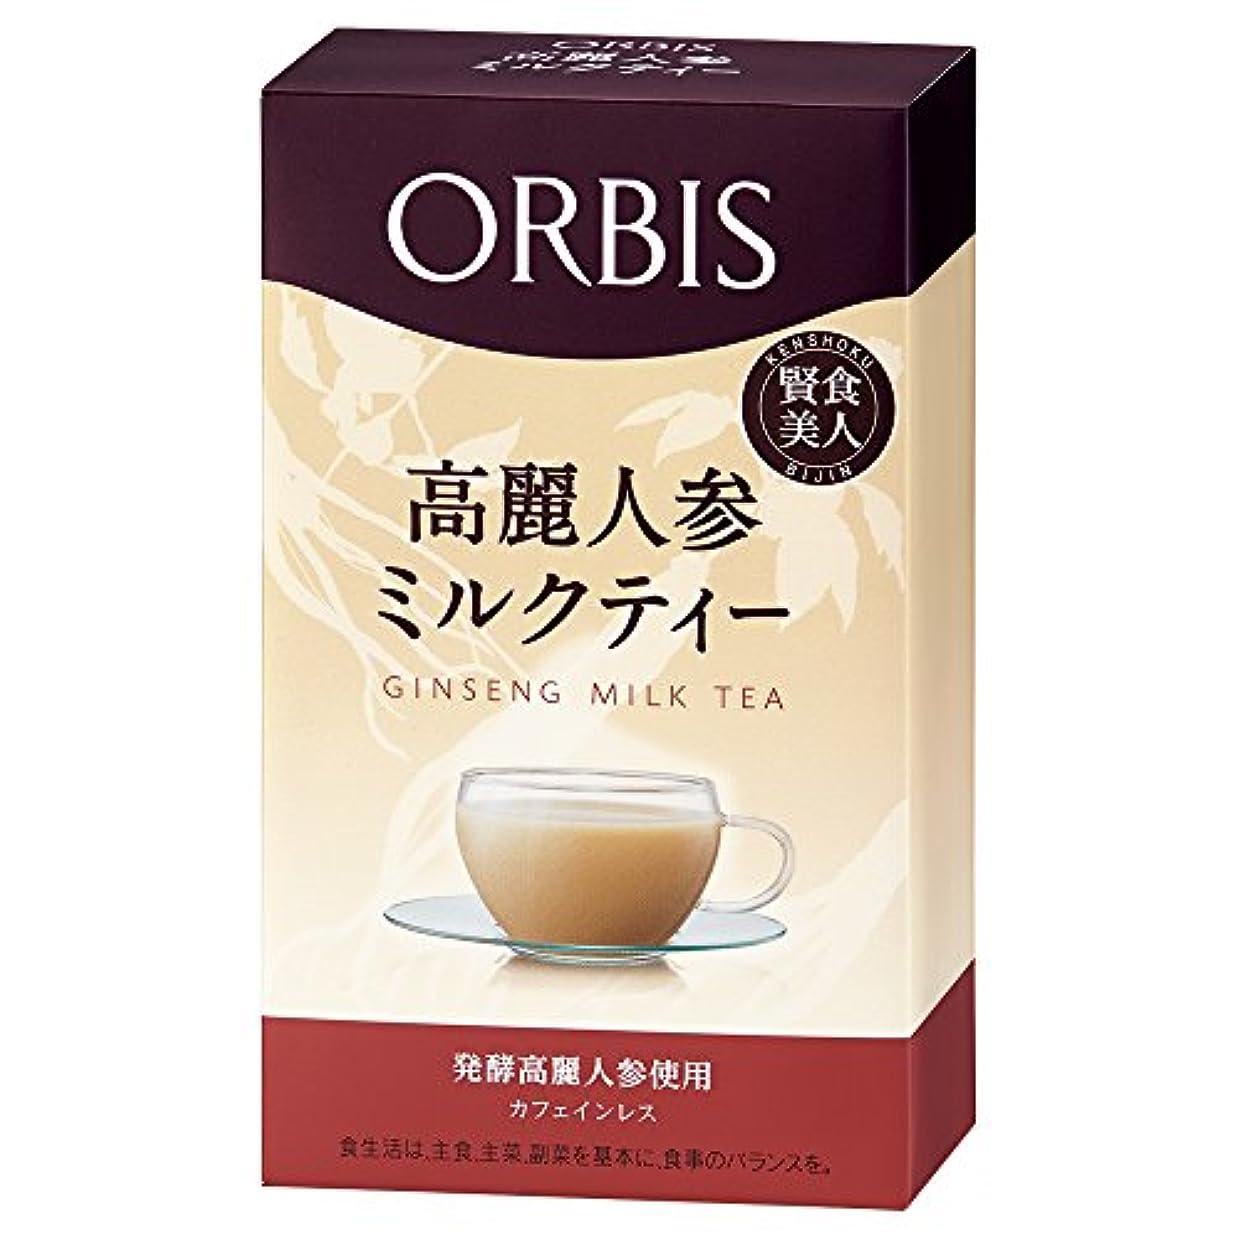 膜典型的な屋内オルビス(ORBIS) 高麗人参ミルクティー レギュラー 10杯分(10g×10袋) ※粉末タイプ